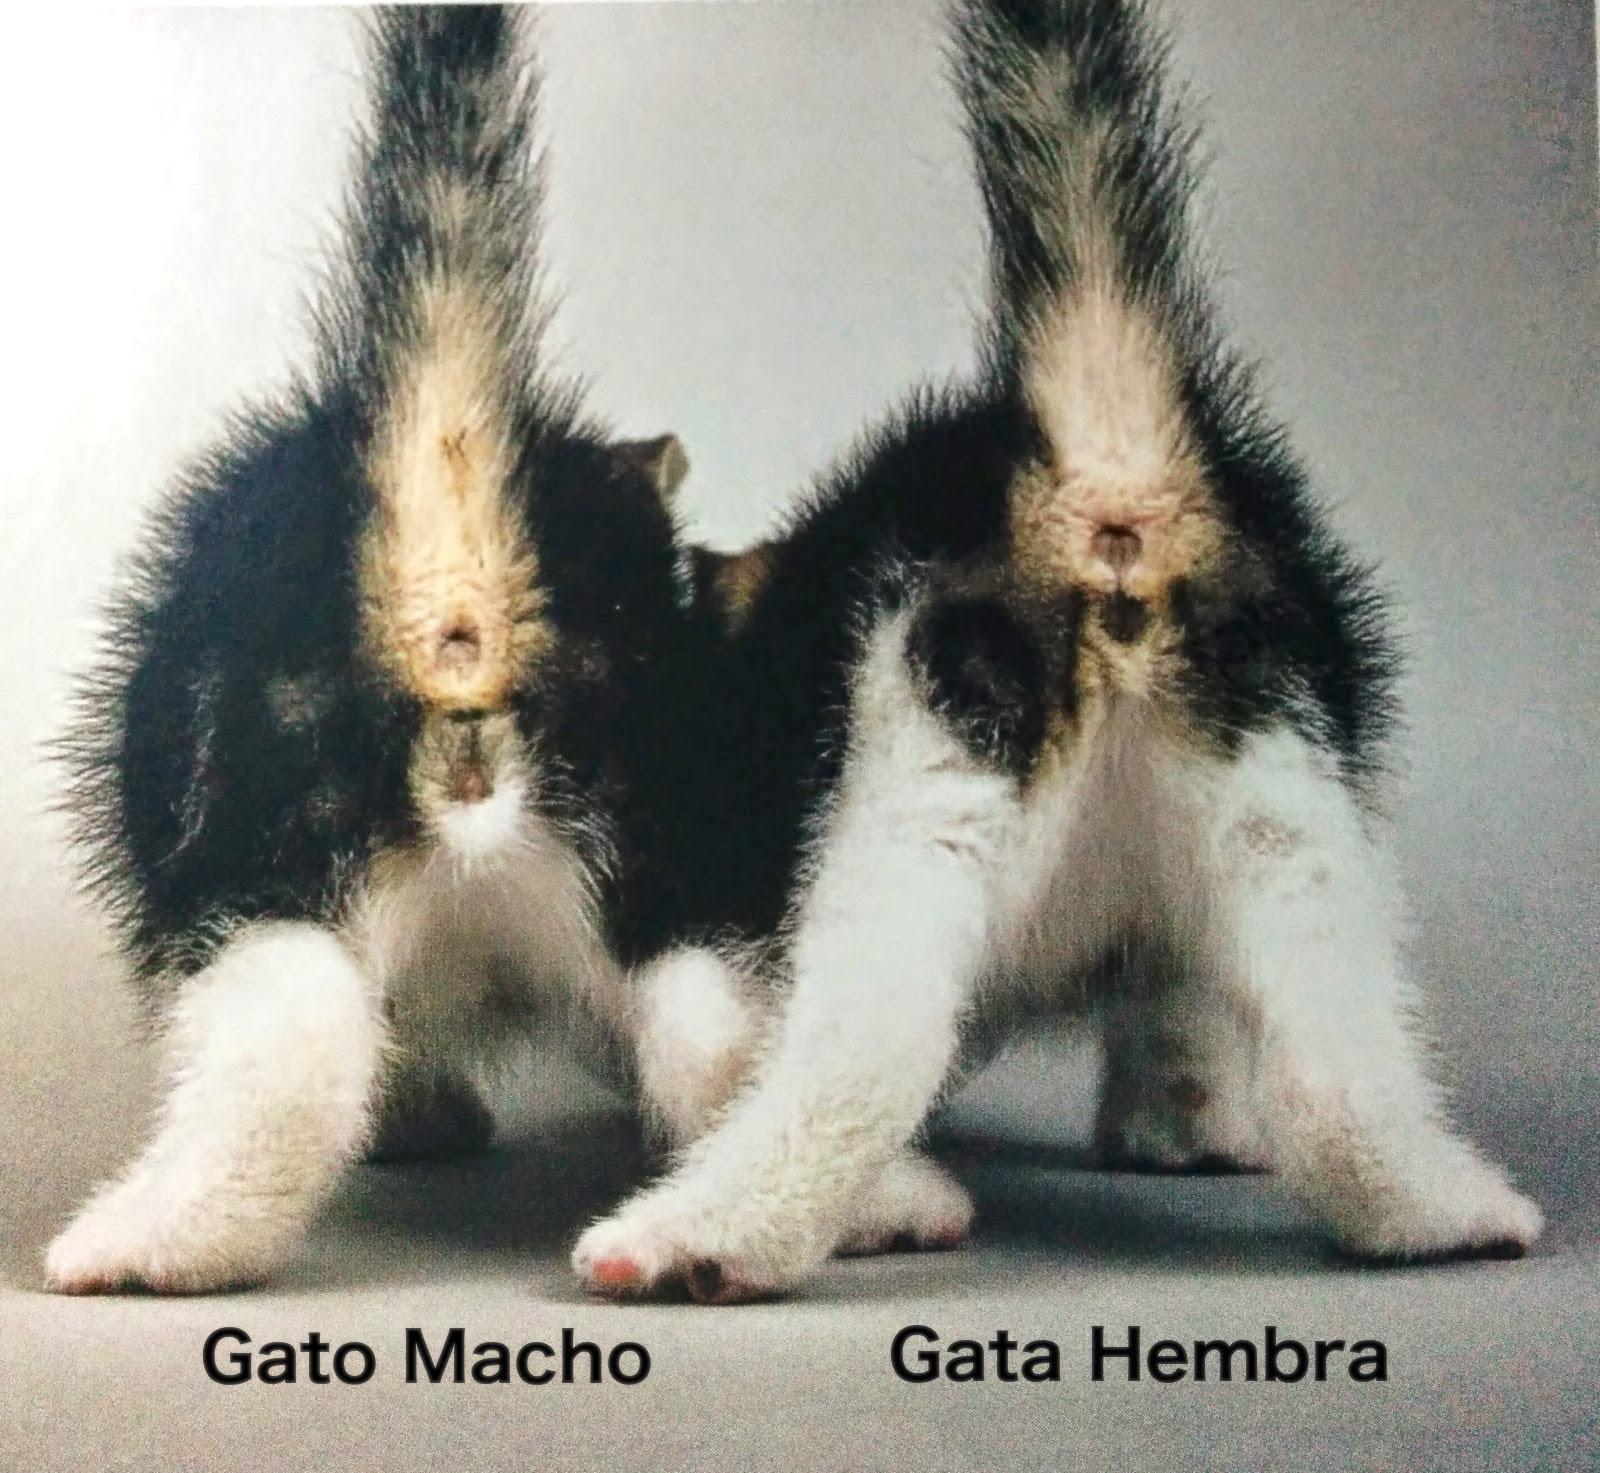 como saber si es gato o gata cuando son pequeños